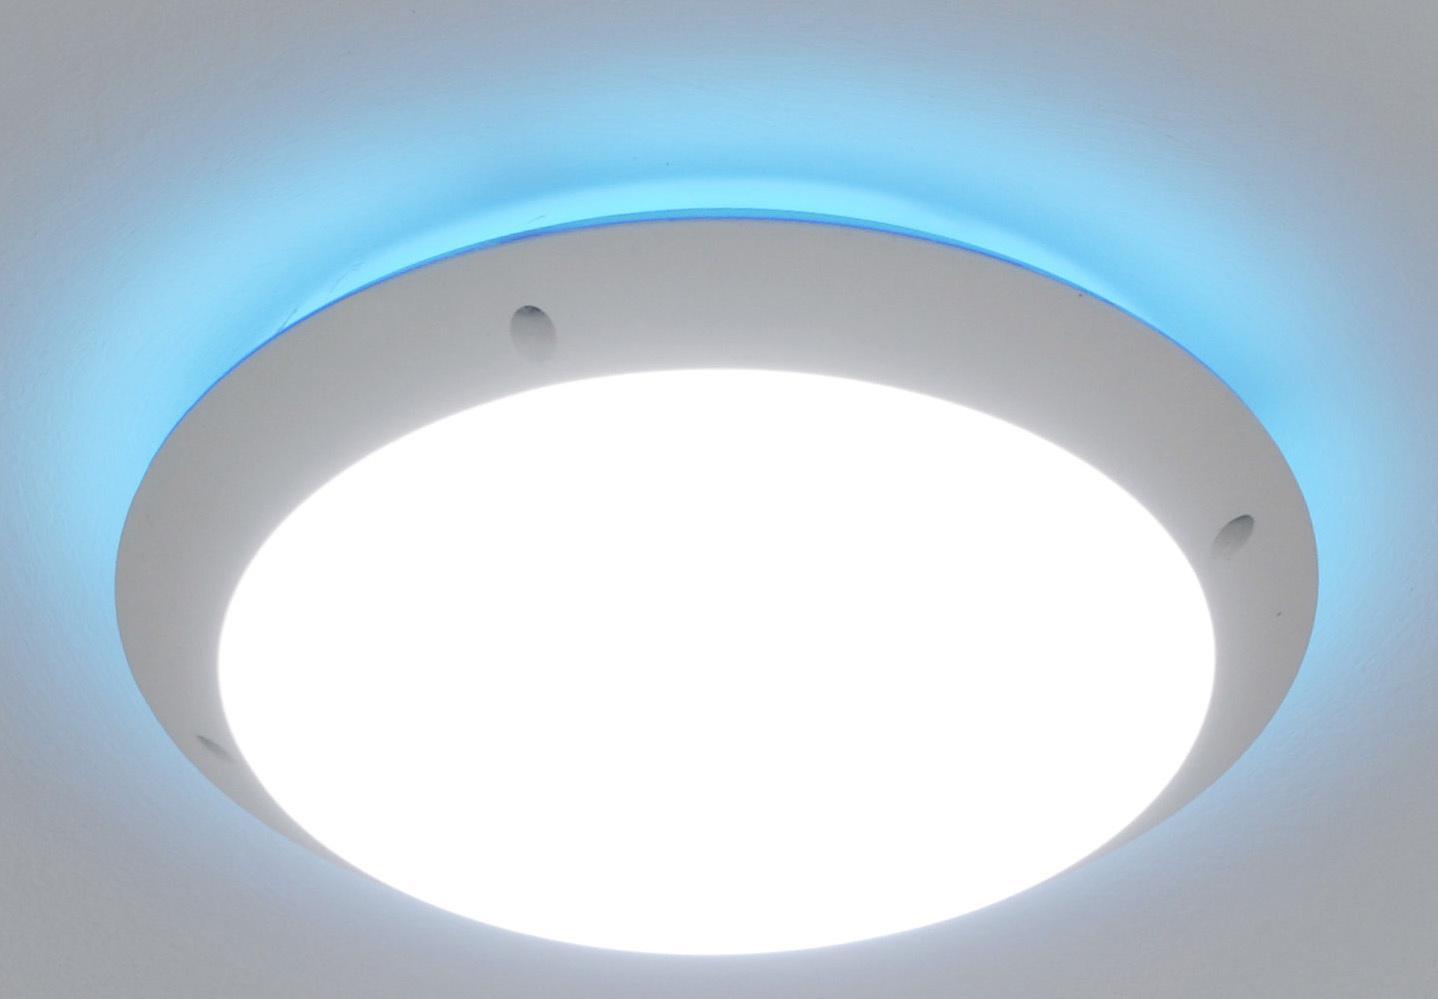 Светильник Fumagalli Lucia gmb, уличный, производство: Италия, серый матовый+синяя вставка цена